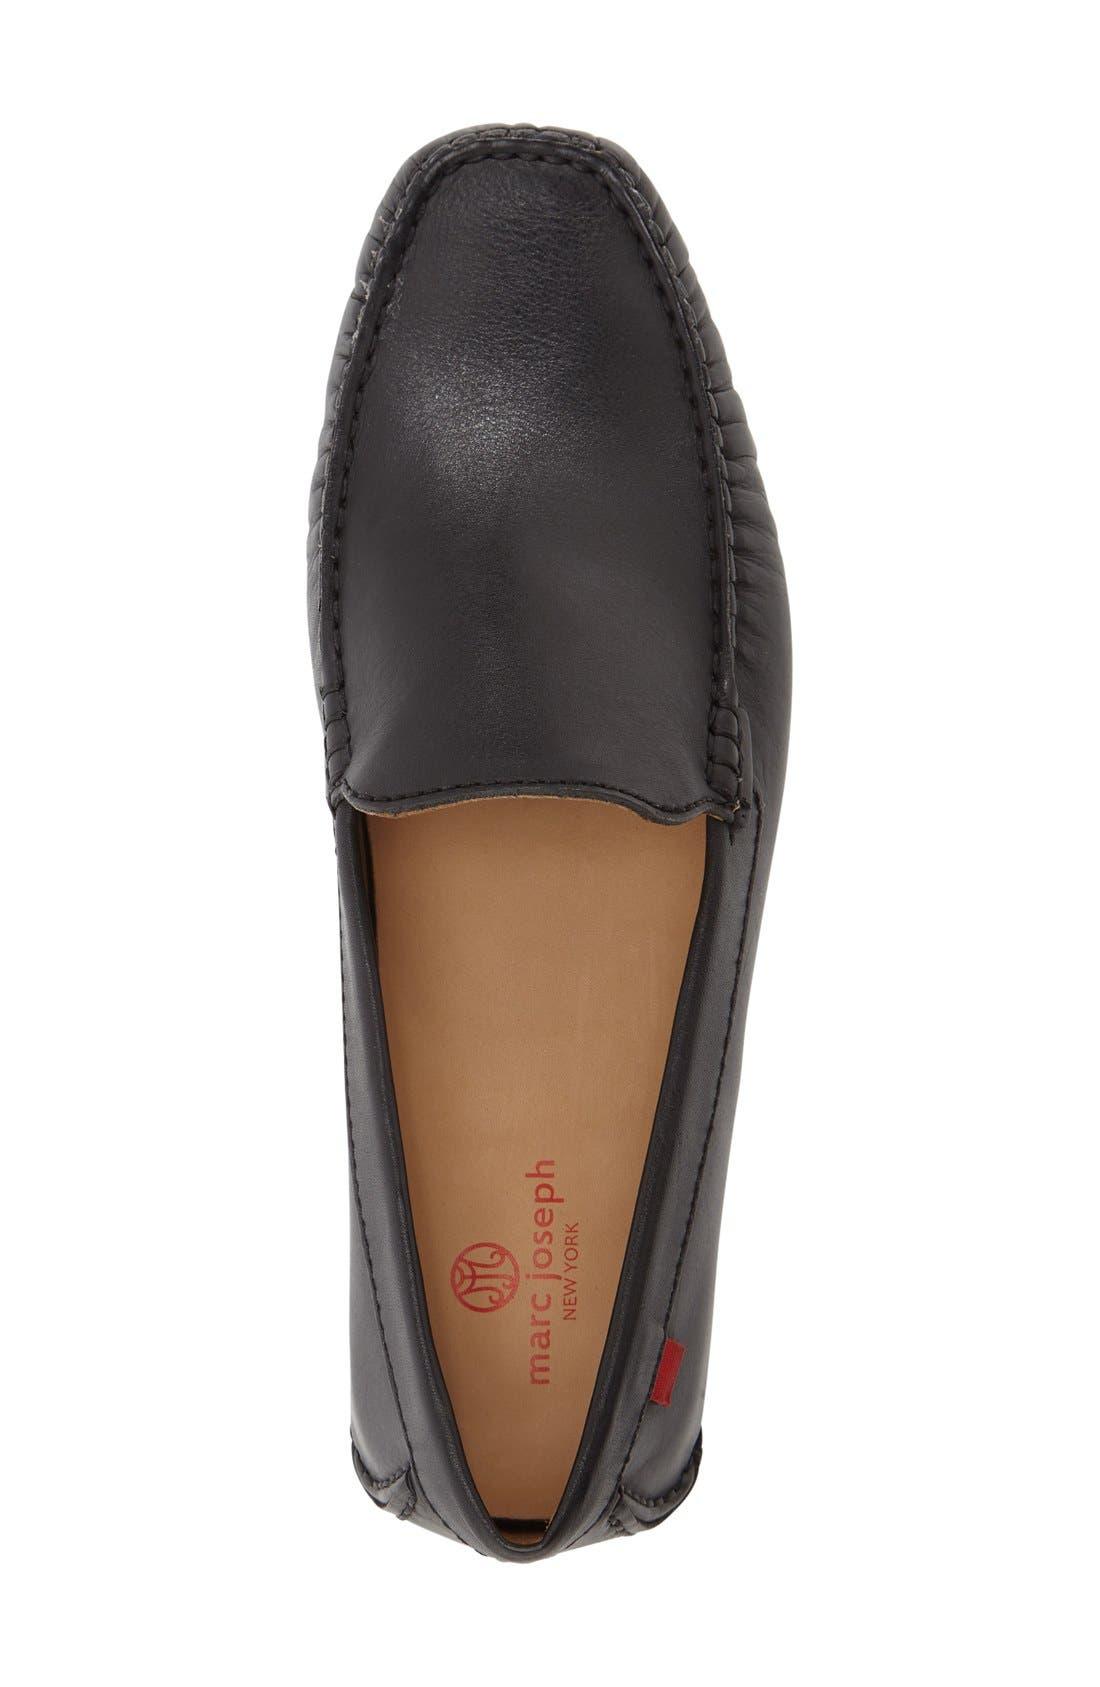 Venetian Driving Loafer,                             Alternate thumbnail 3, color,                             Black